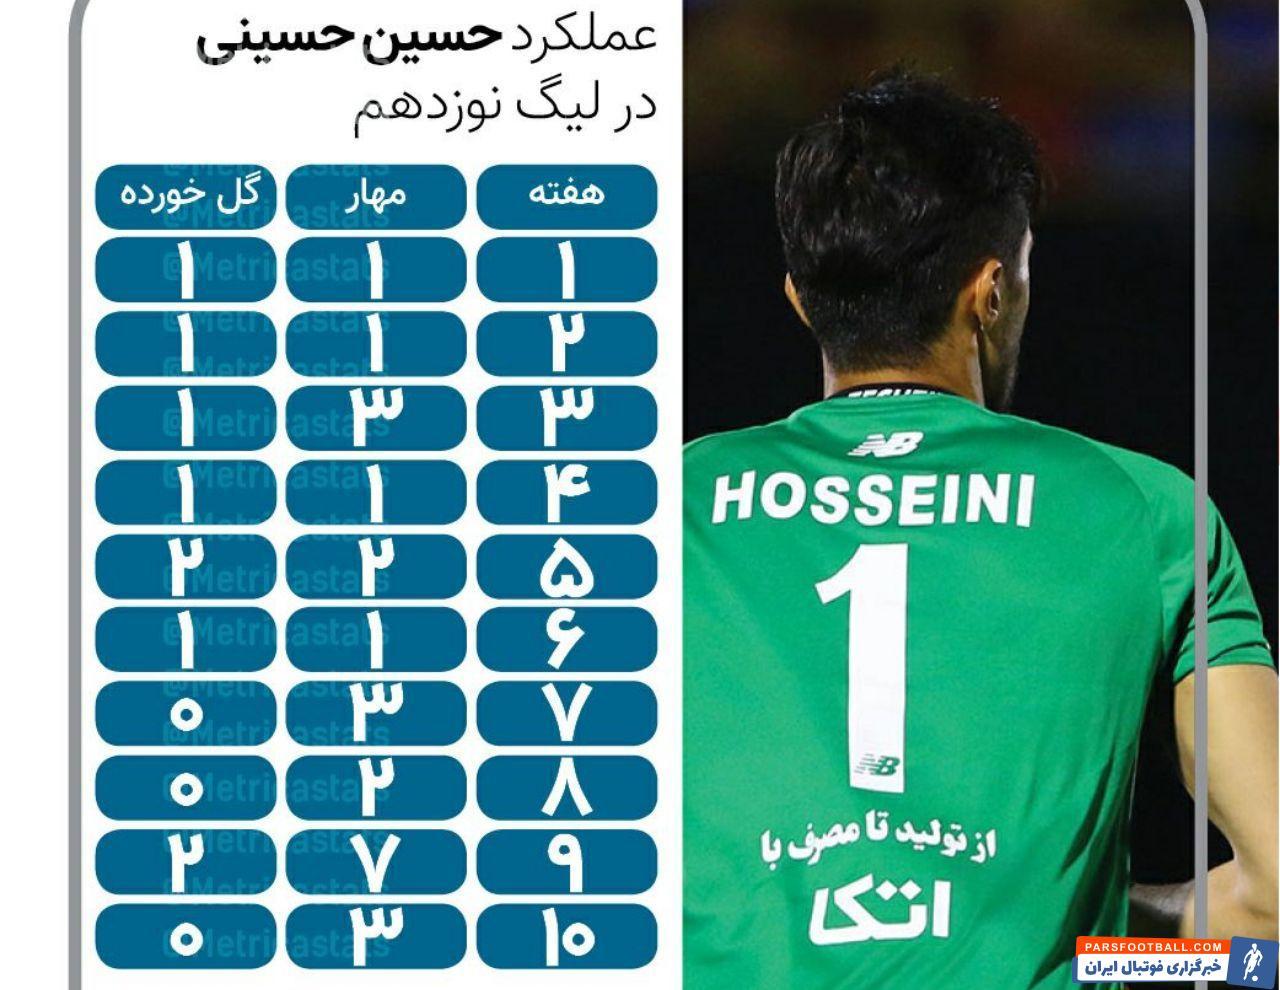 سیدحسین حسینی موفق بوده است با توجه به عدم کلینشیت مظاهری و نیازمند احتمال حضور مجدد سیدحسین حسینی در تیم ملی برای بازی با عراق بیشتر شده است.